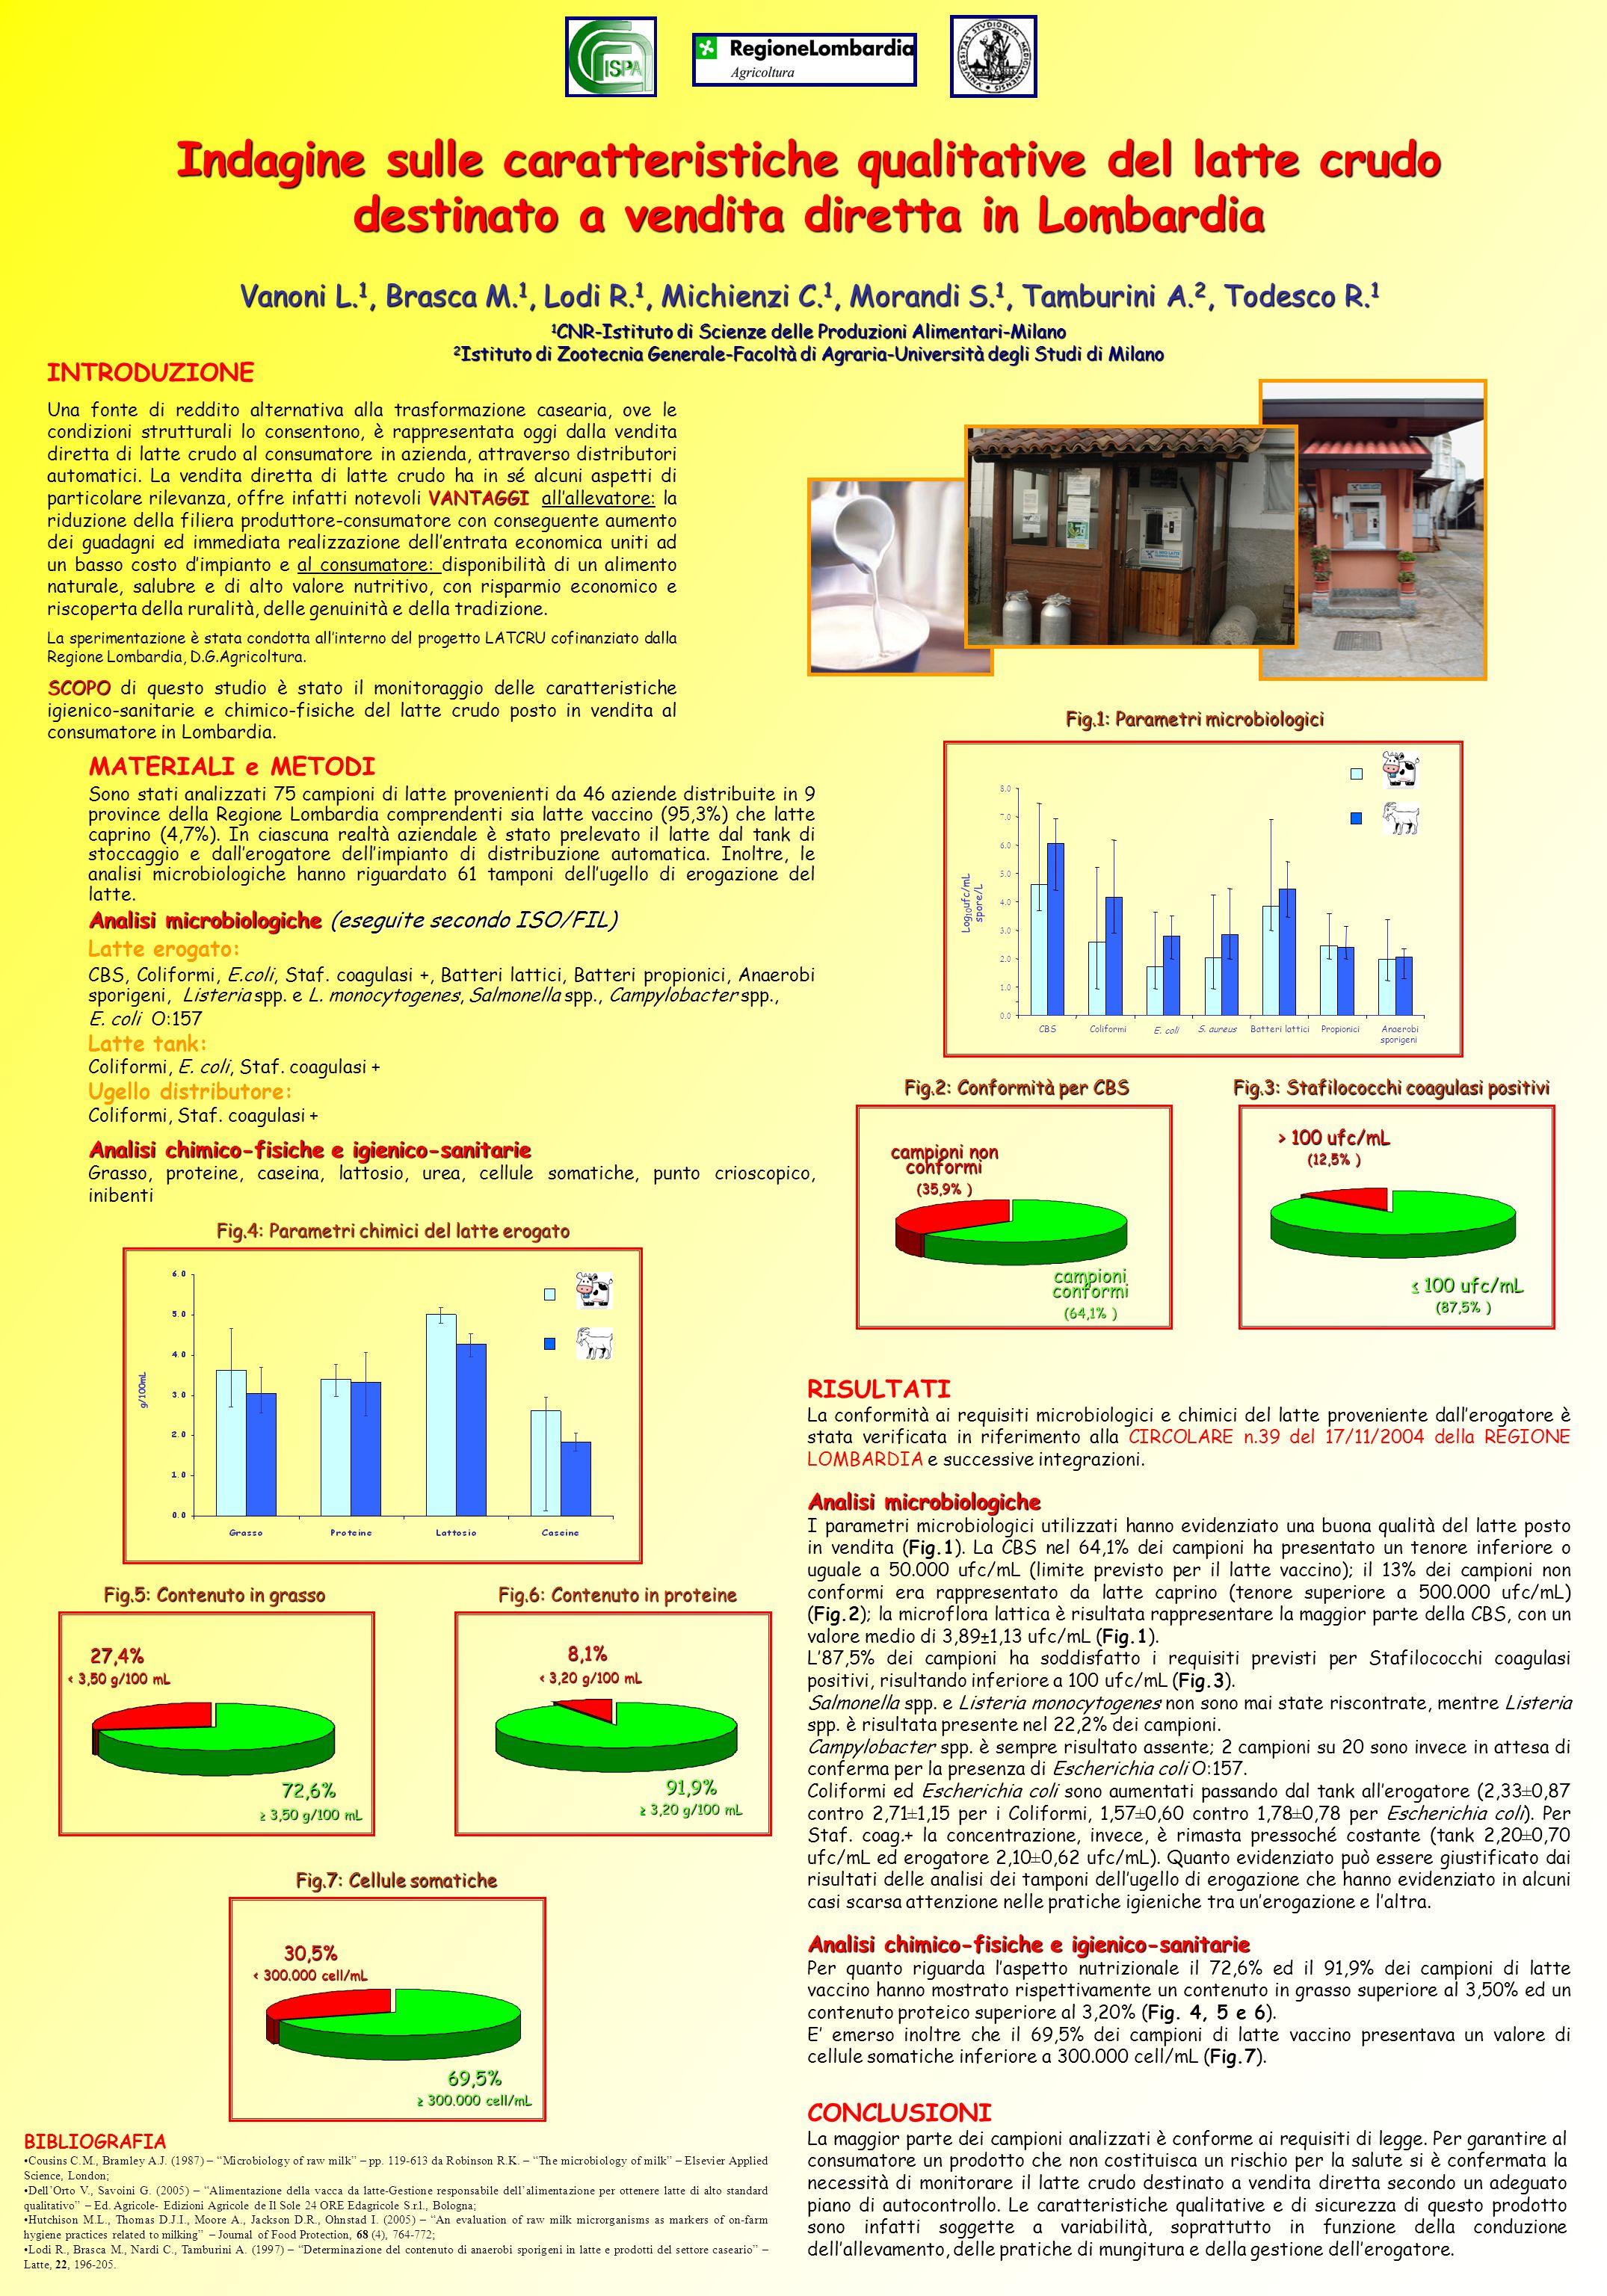 Indagine sulle caratteristiche qualitative del latte crudo destinato a vendita diretta in Lombardia